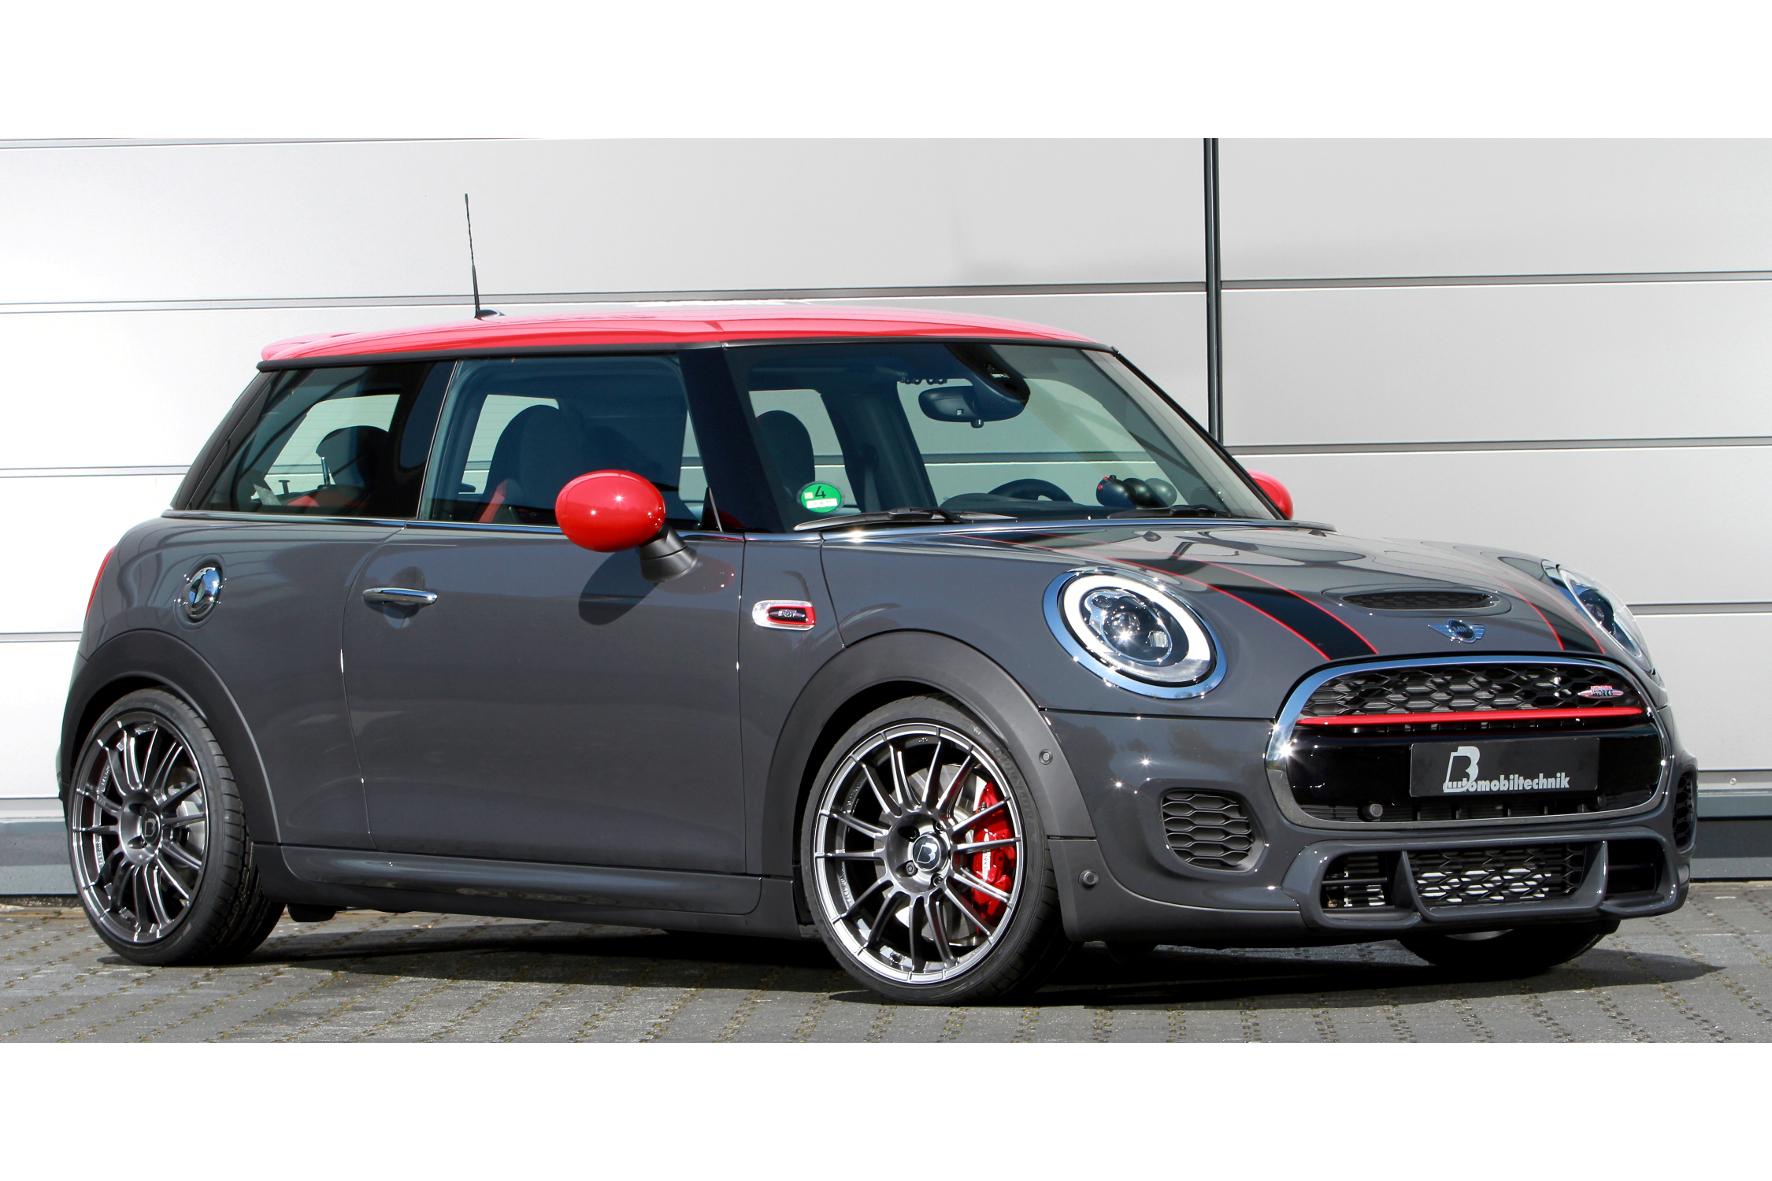 mid Groß-Gerau - Mehr Power für das Mini-Topmodell: B&B-Automobiltechnik verpasst dem John Cooper Works ein Leistungs-Update.